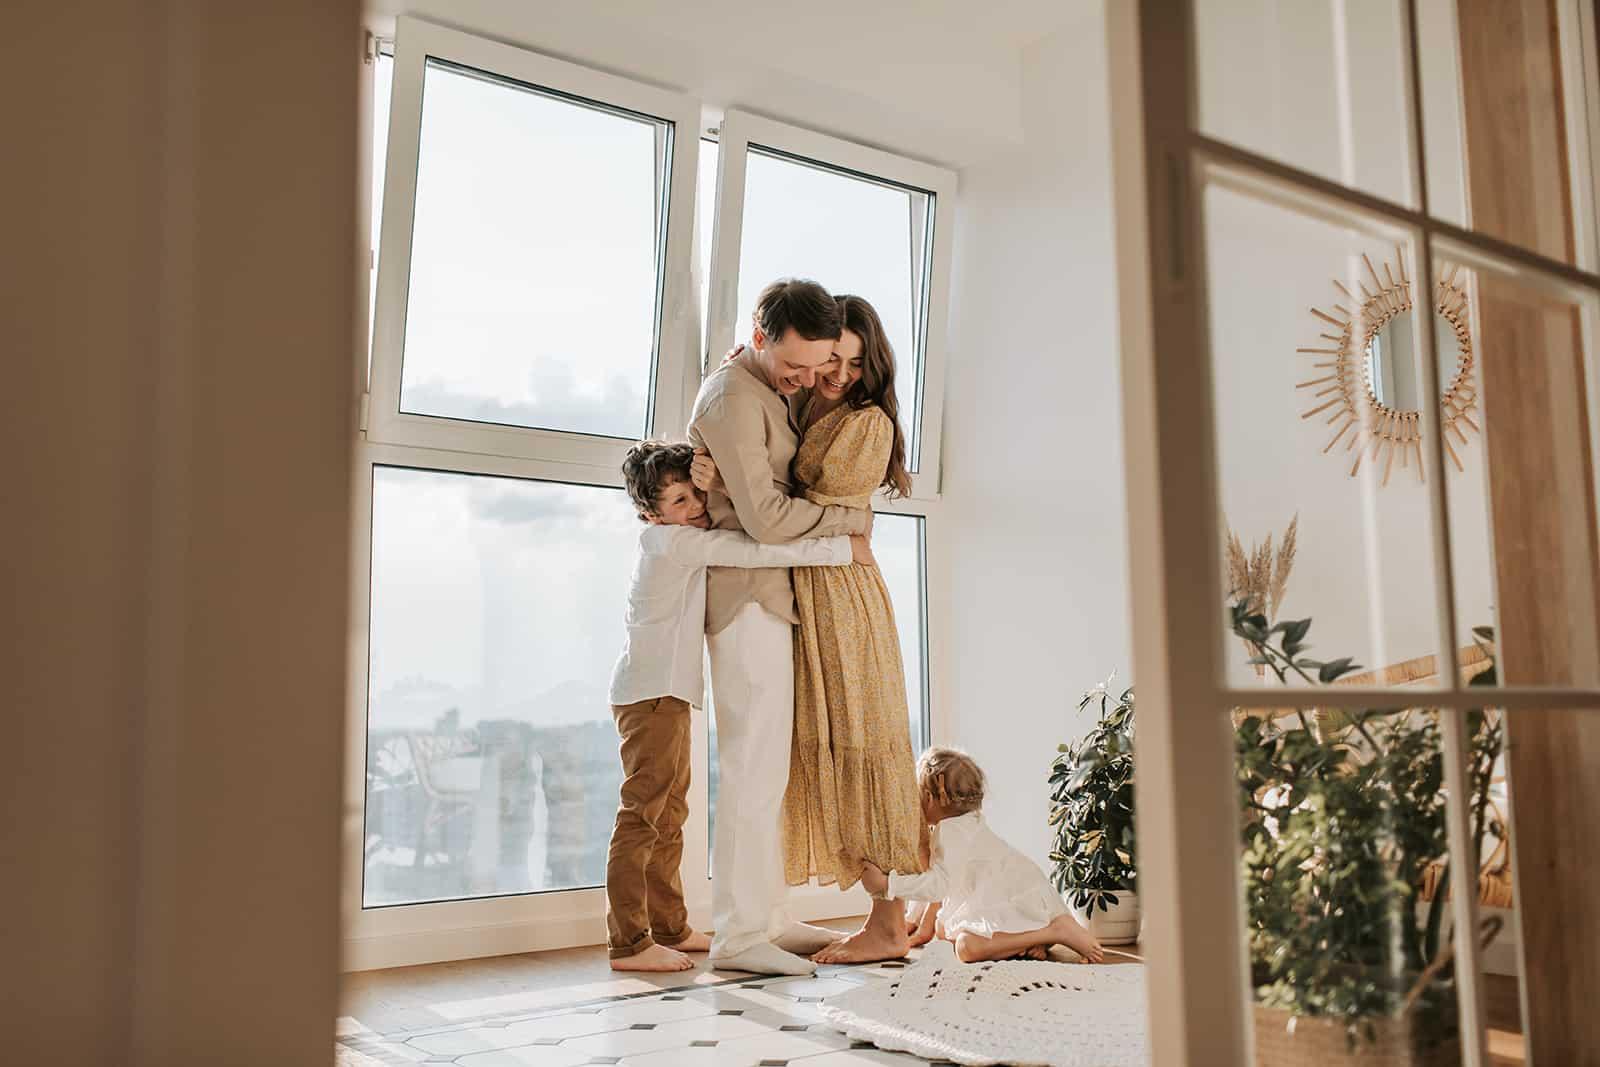 eine glückliche Familie, die sich am Fenster umarmt